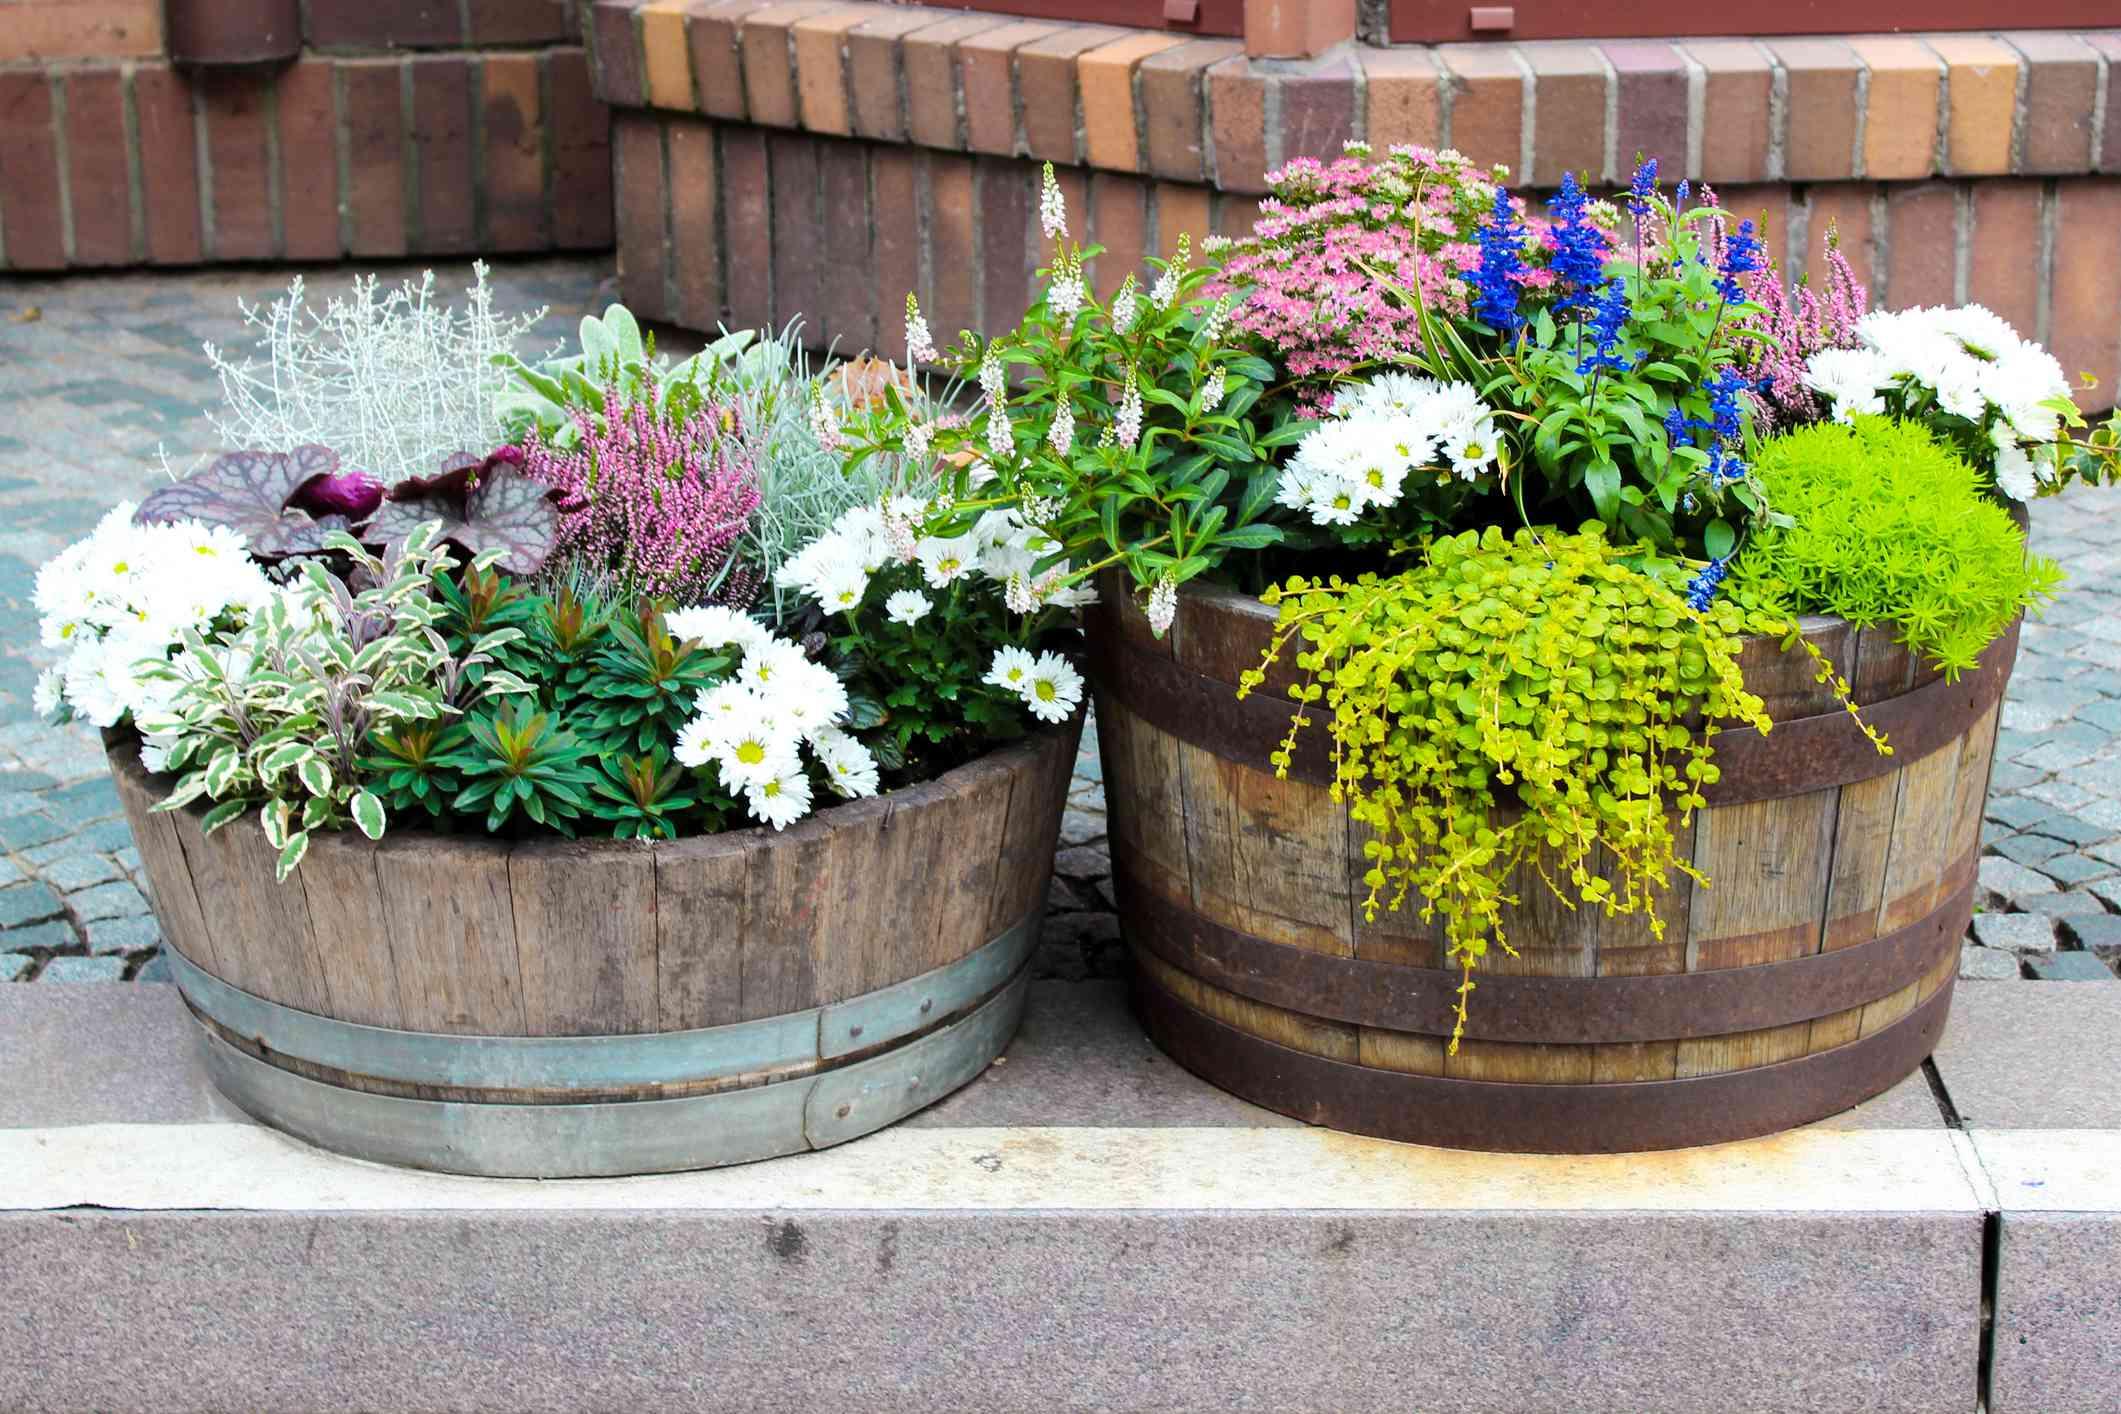 Plantas que crecen en contenedores